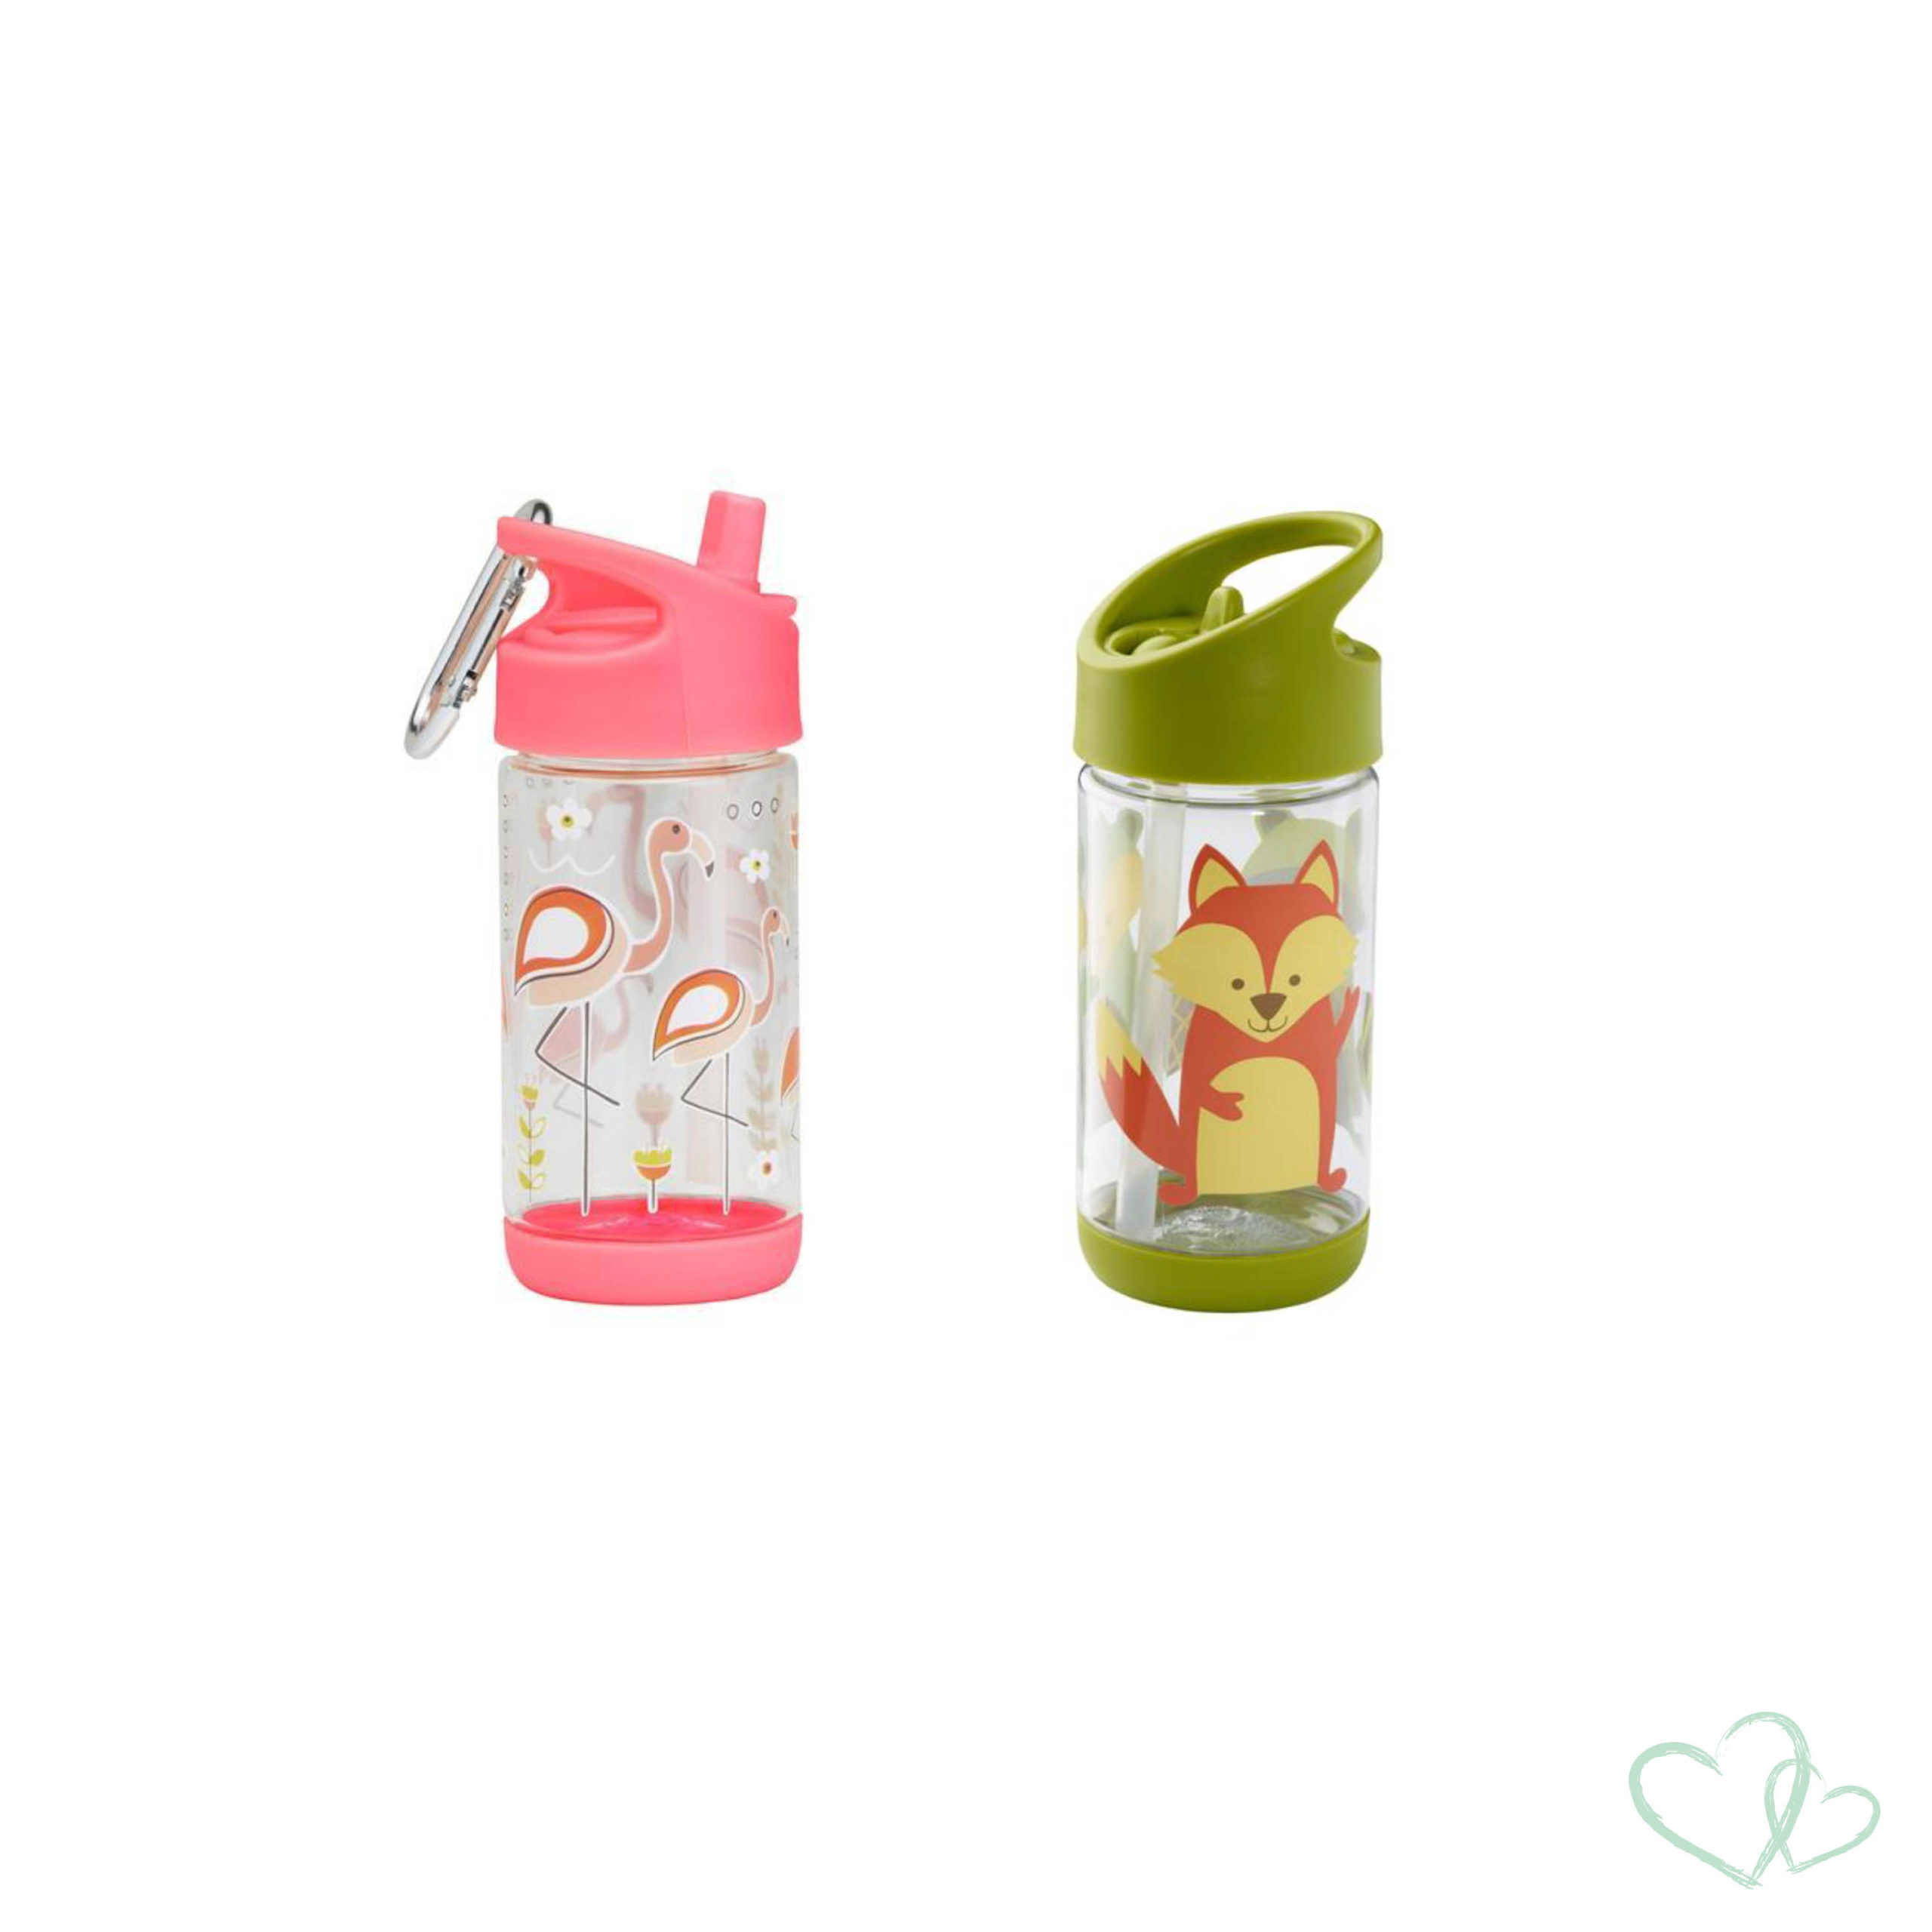 Drinkbekers zijn een must voor alle kids, ongeacht de leeftijd. Wij delen merken zoals trixie, Flip & Sip en meer.